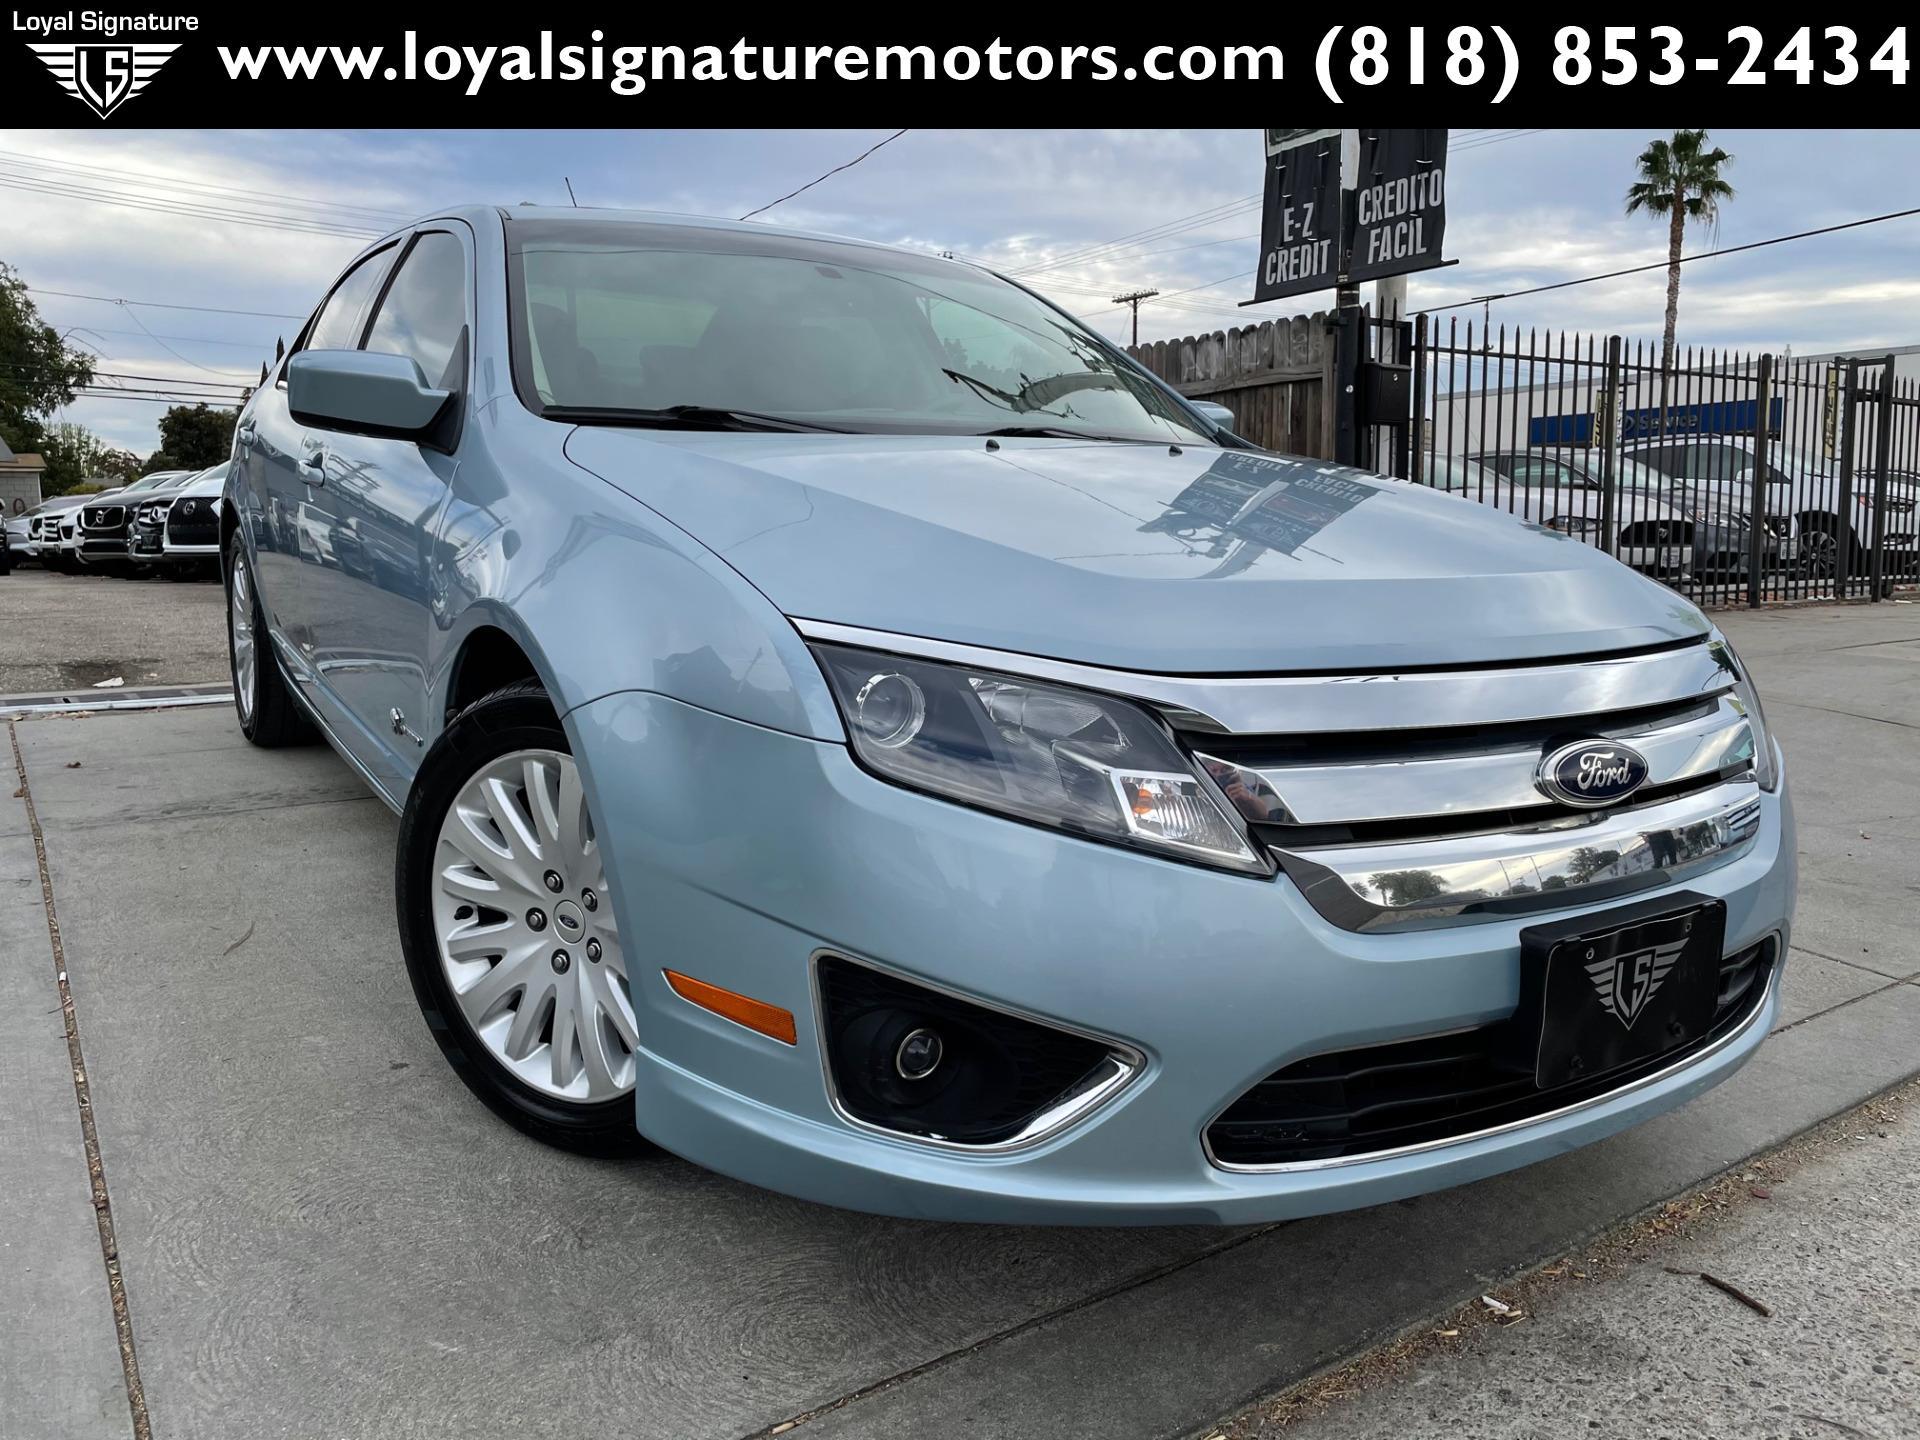 Used 2010 Ford Fusion Hybrid  | Van Nuys, CA